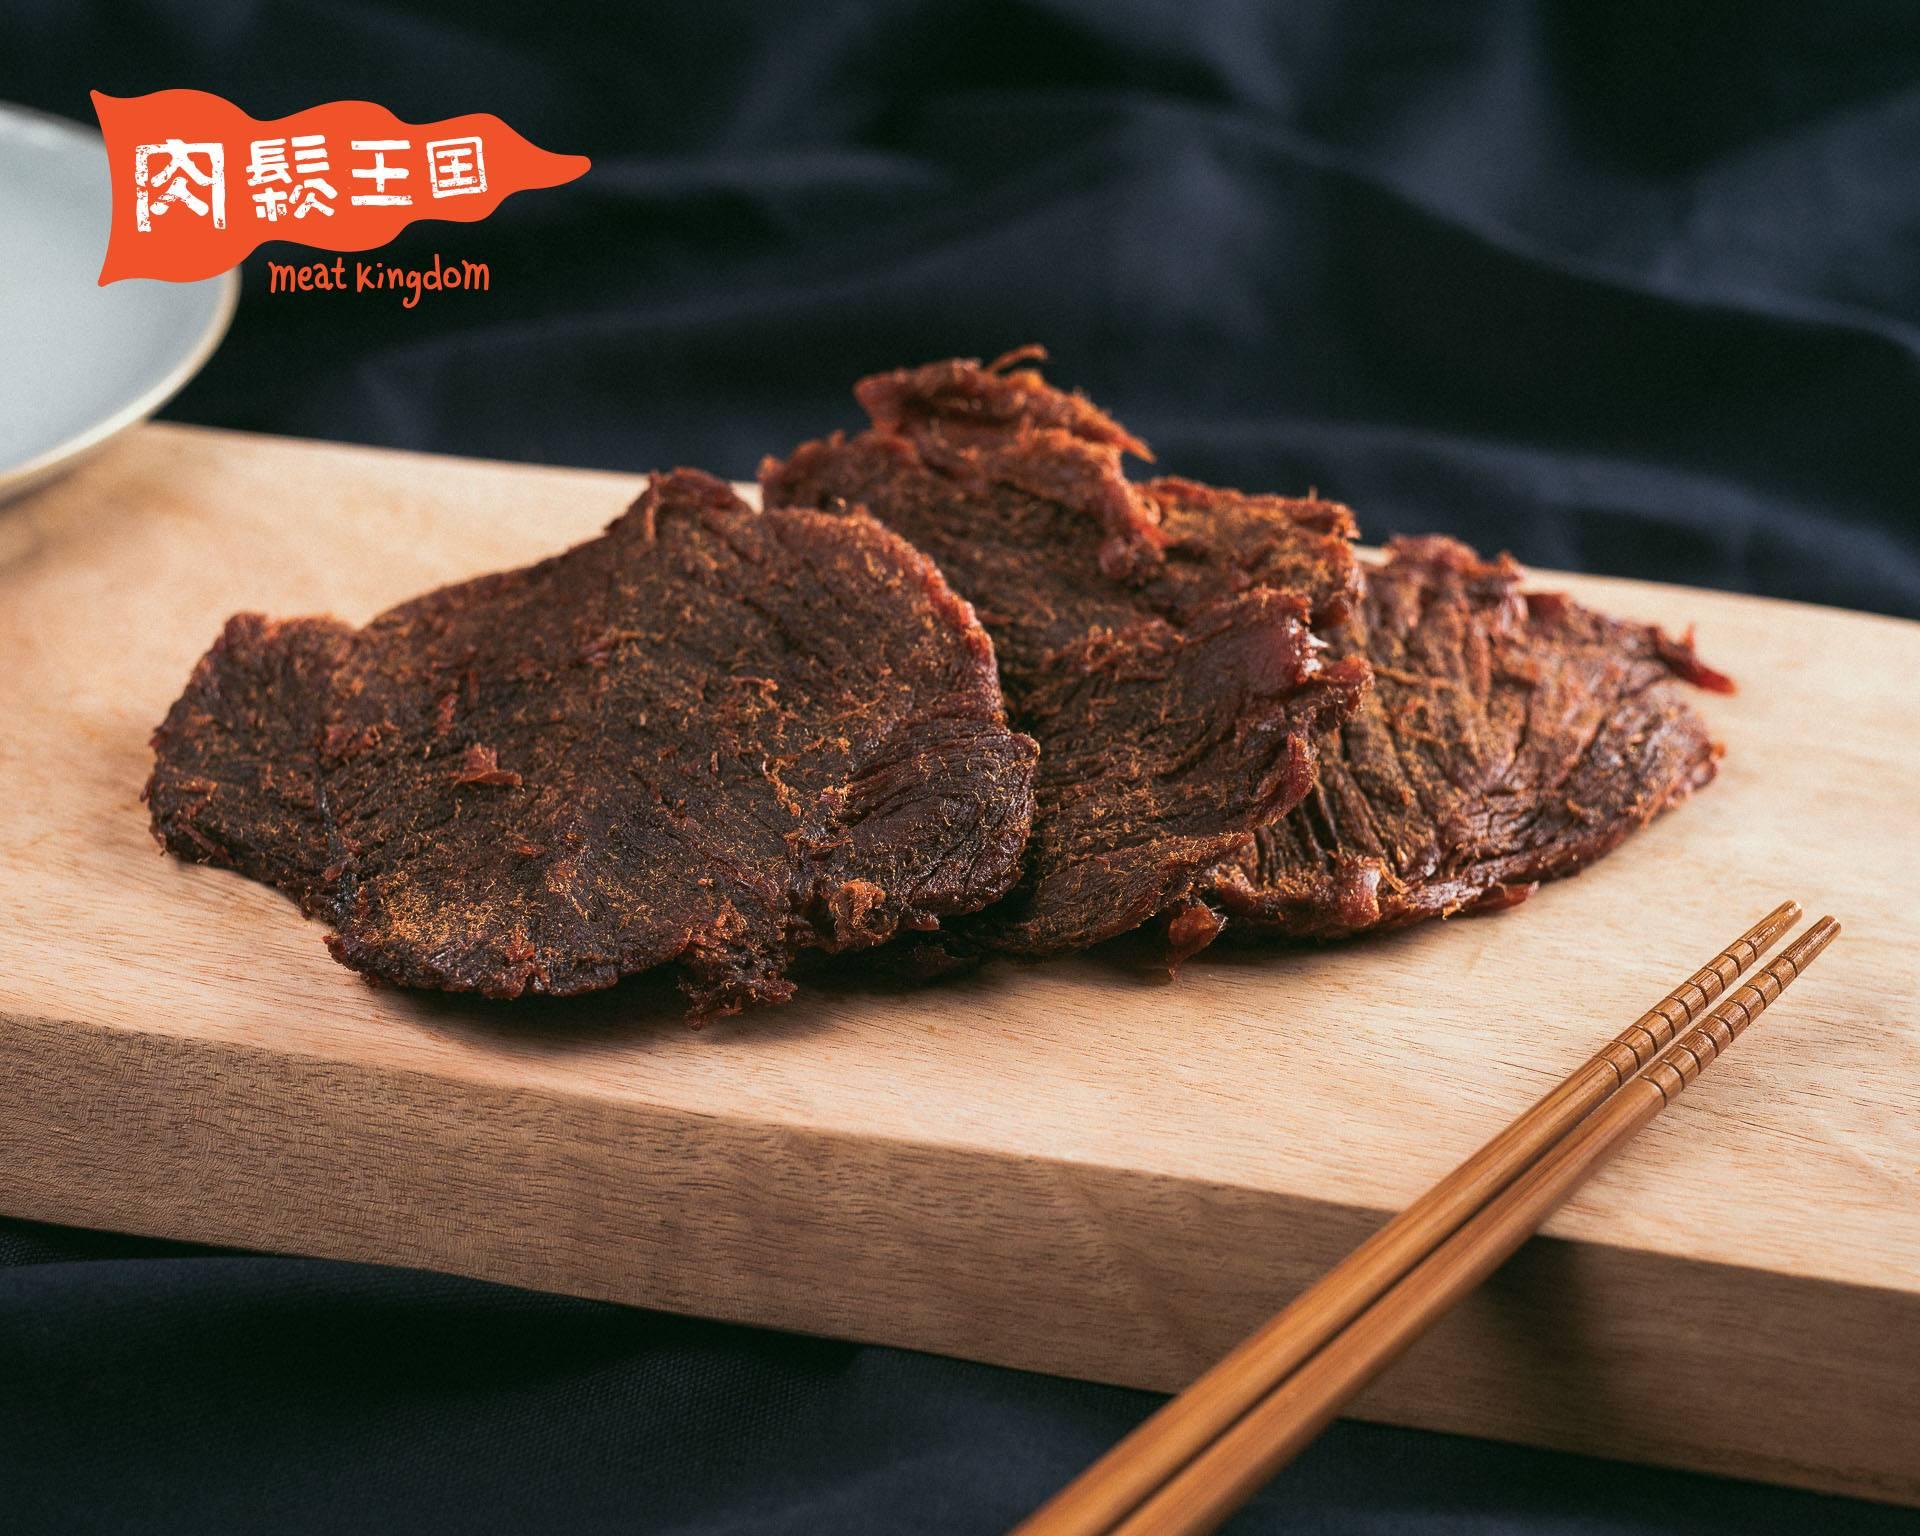 肉鬆王國 『手切豬肉片』?手切就是入味 ?國王放鬆包 75g±10g